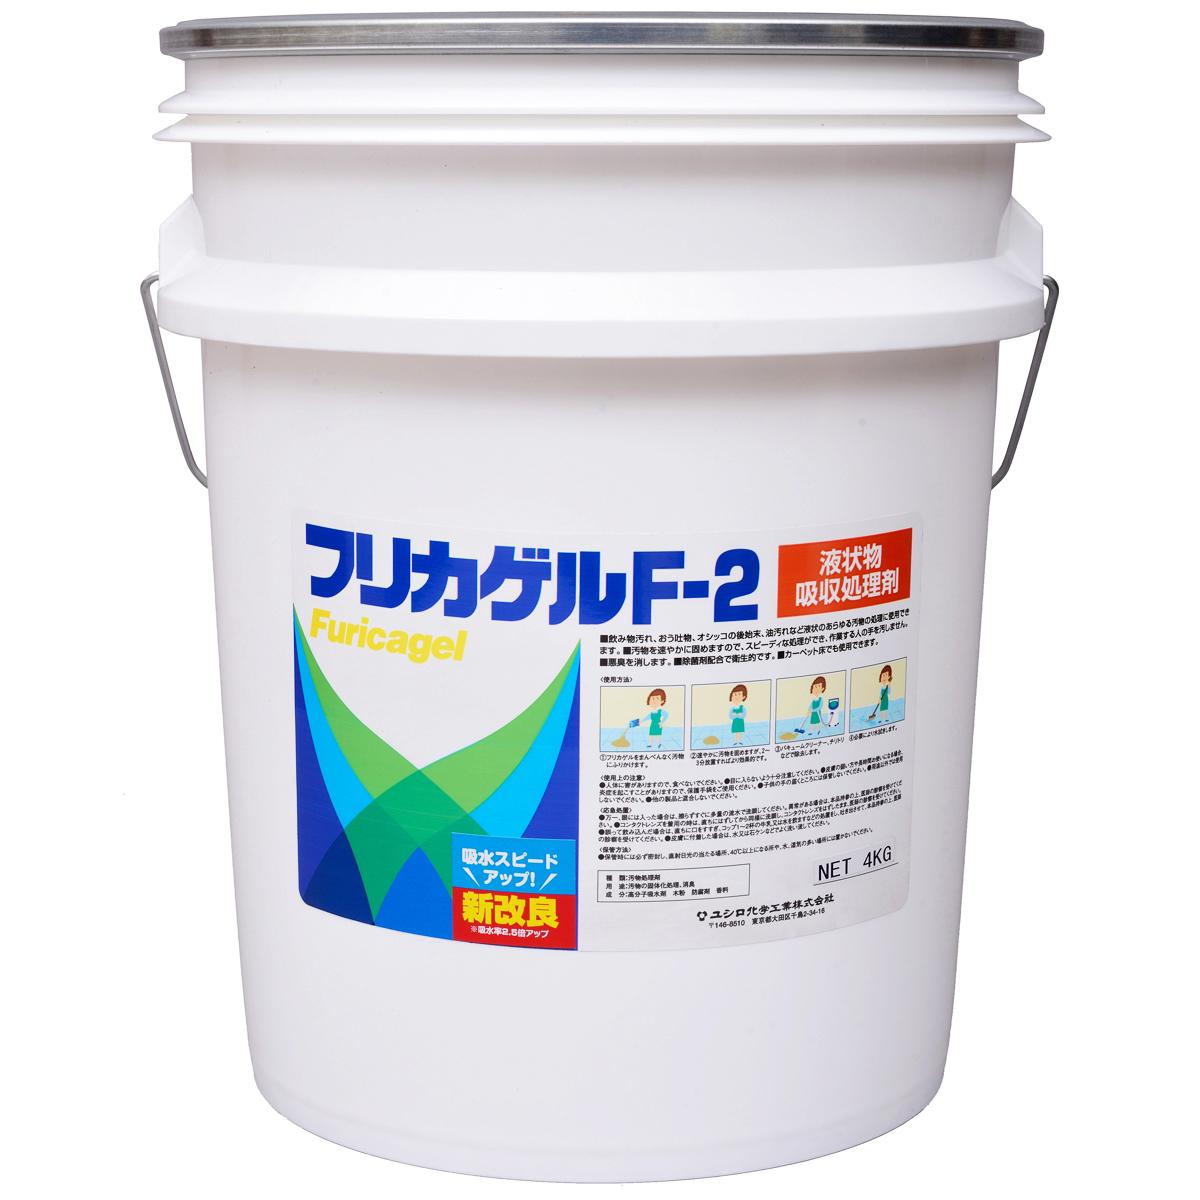 ユシロ化学工業 フリカゲル F-2 4kg